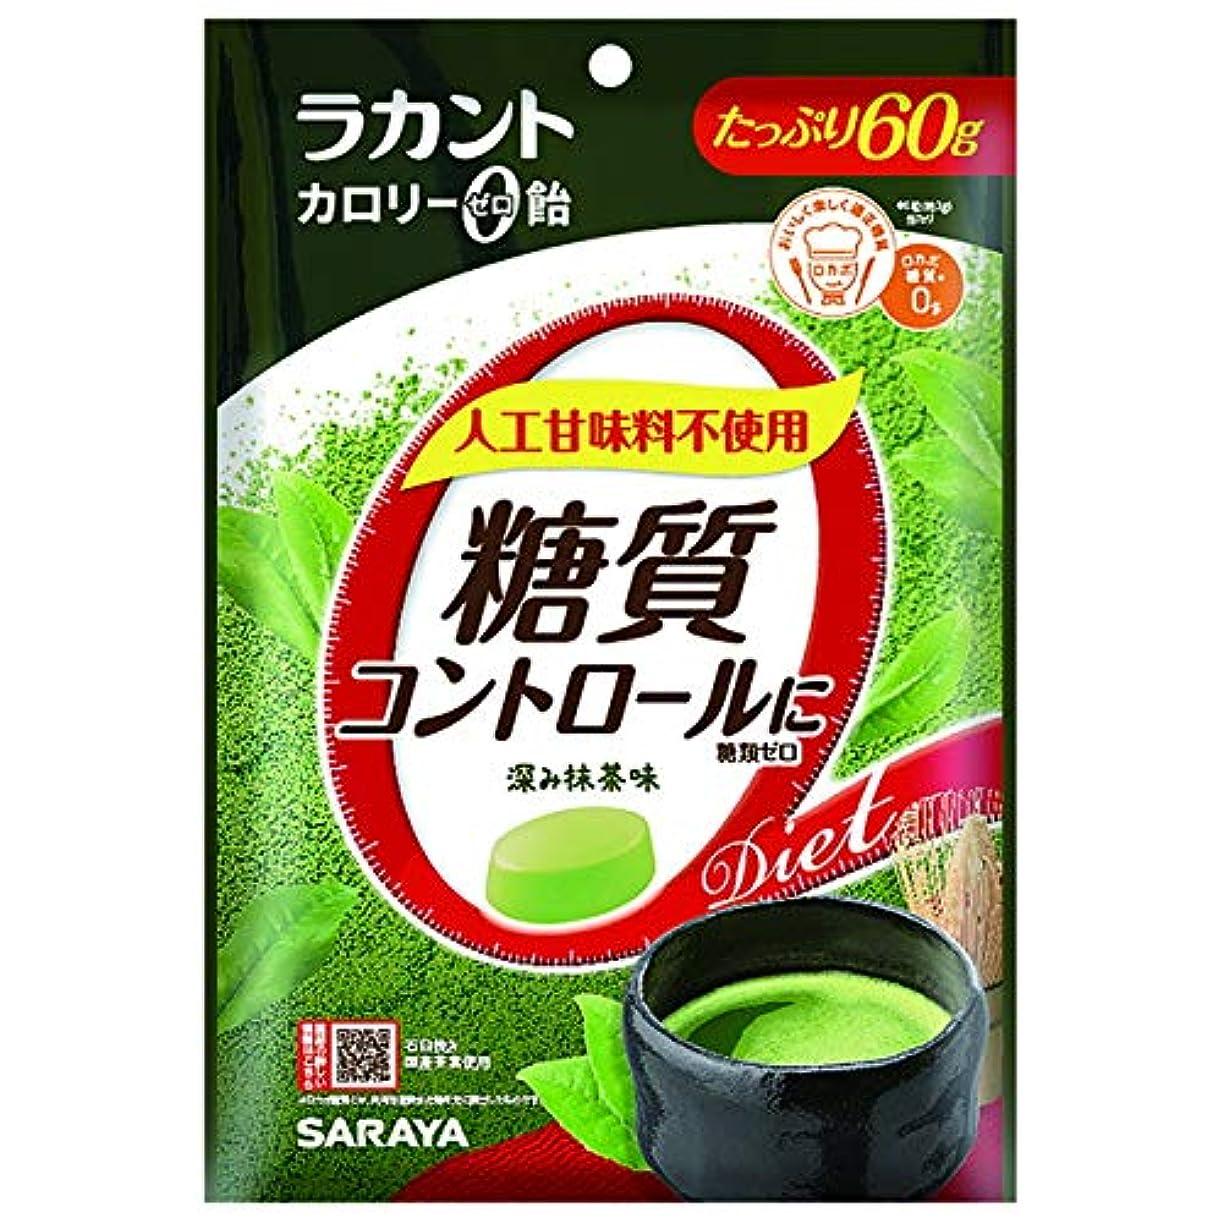 ペルーチータースキームラカント カロリーゼロ飴 深み抹茶 60g【3個セット】